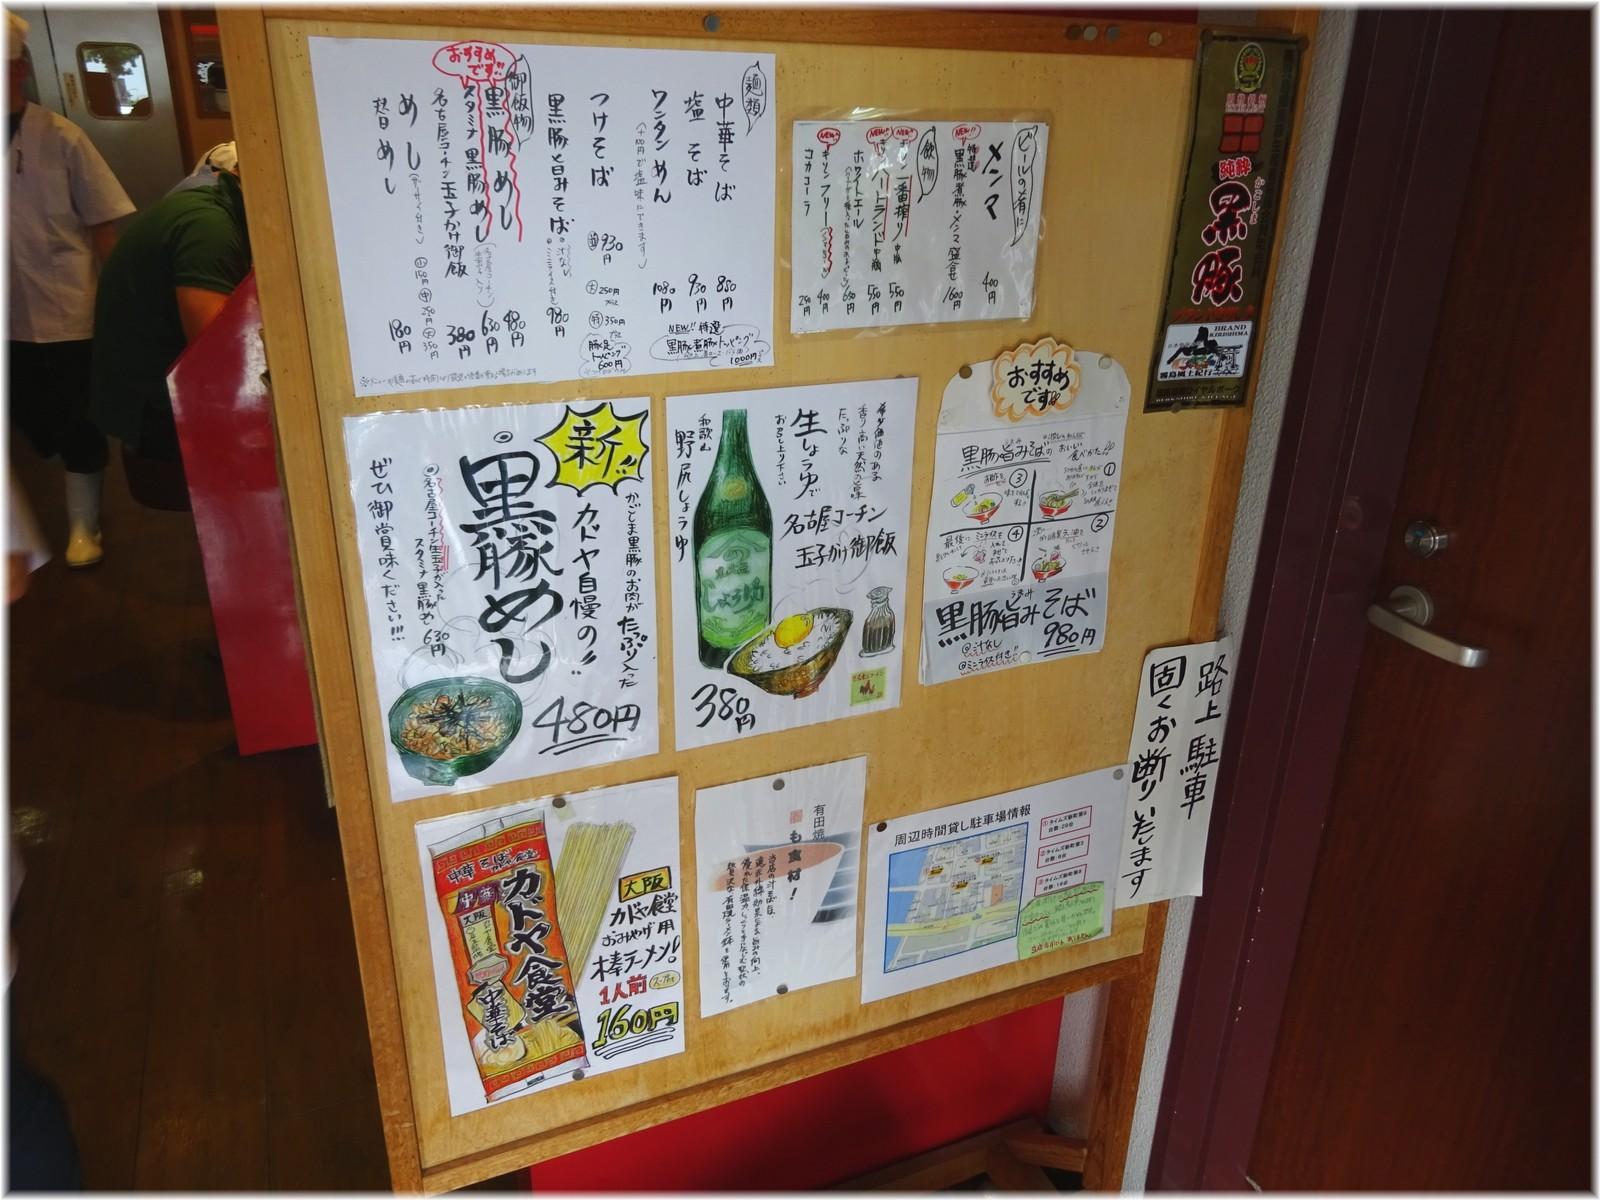 カドヤ食堂総本店 メニュー